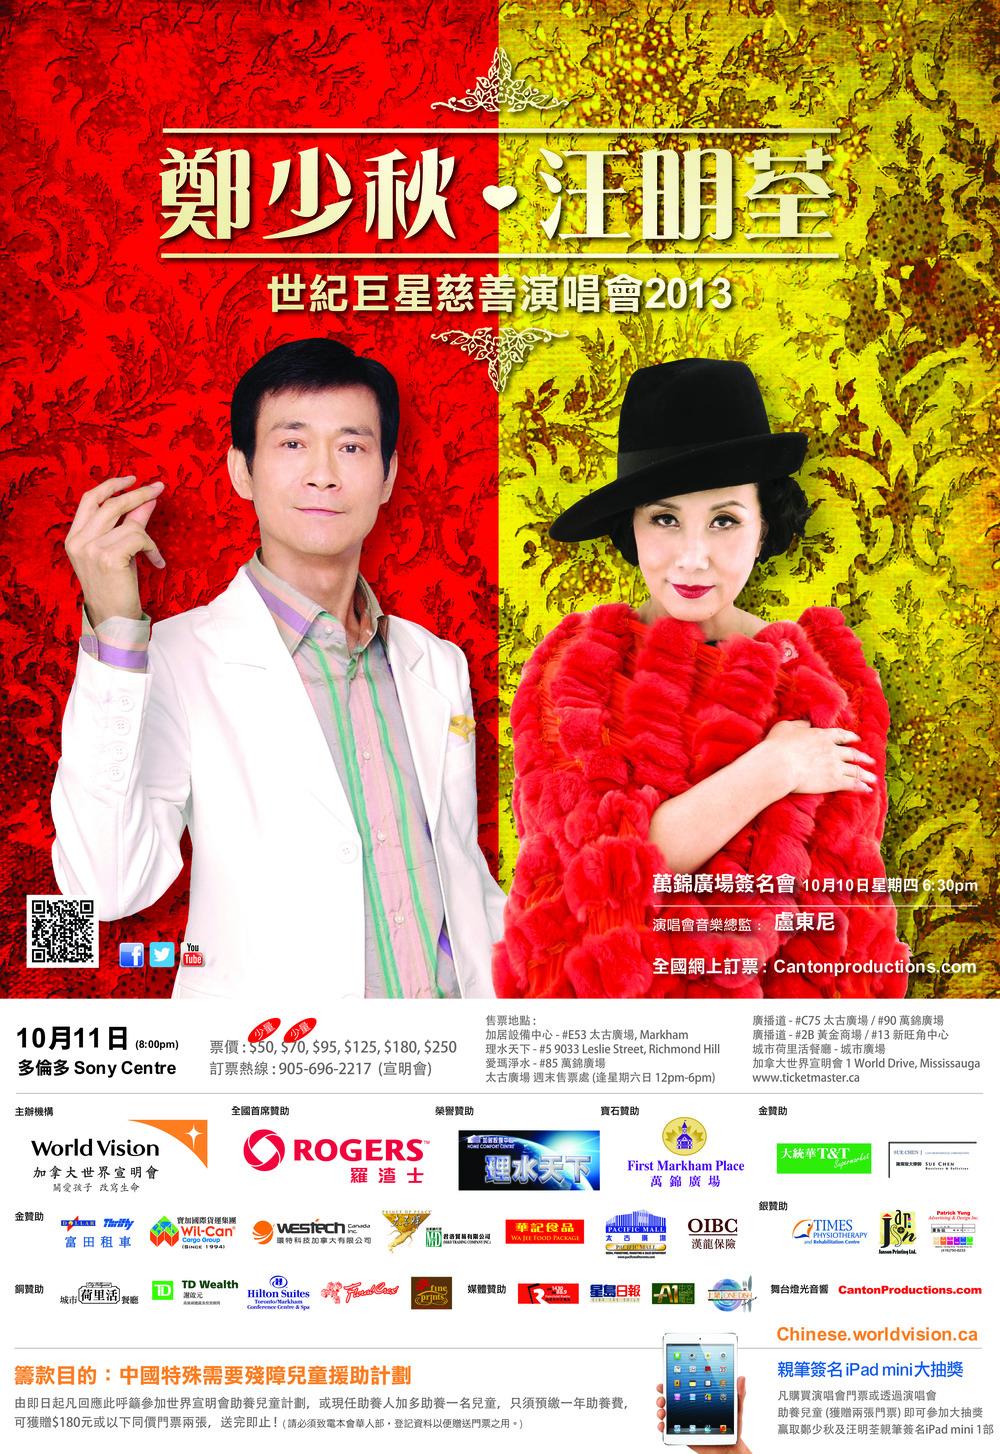 10 11 2013 鄭少秋 汪明荃 Poster.JPG